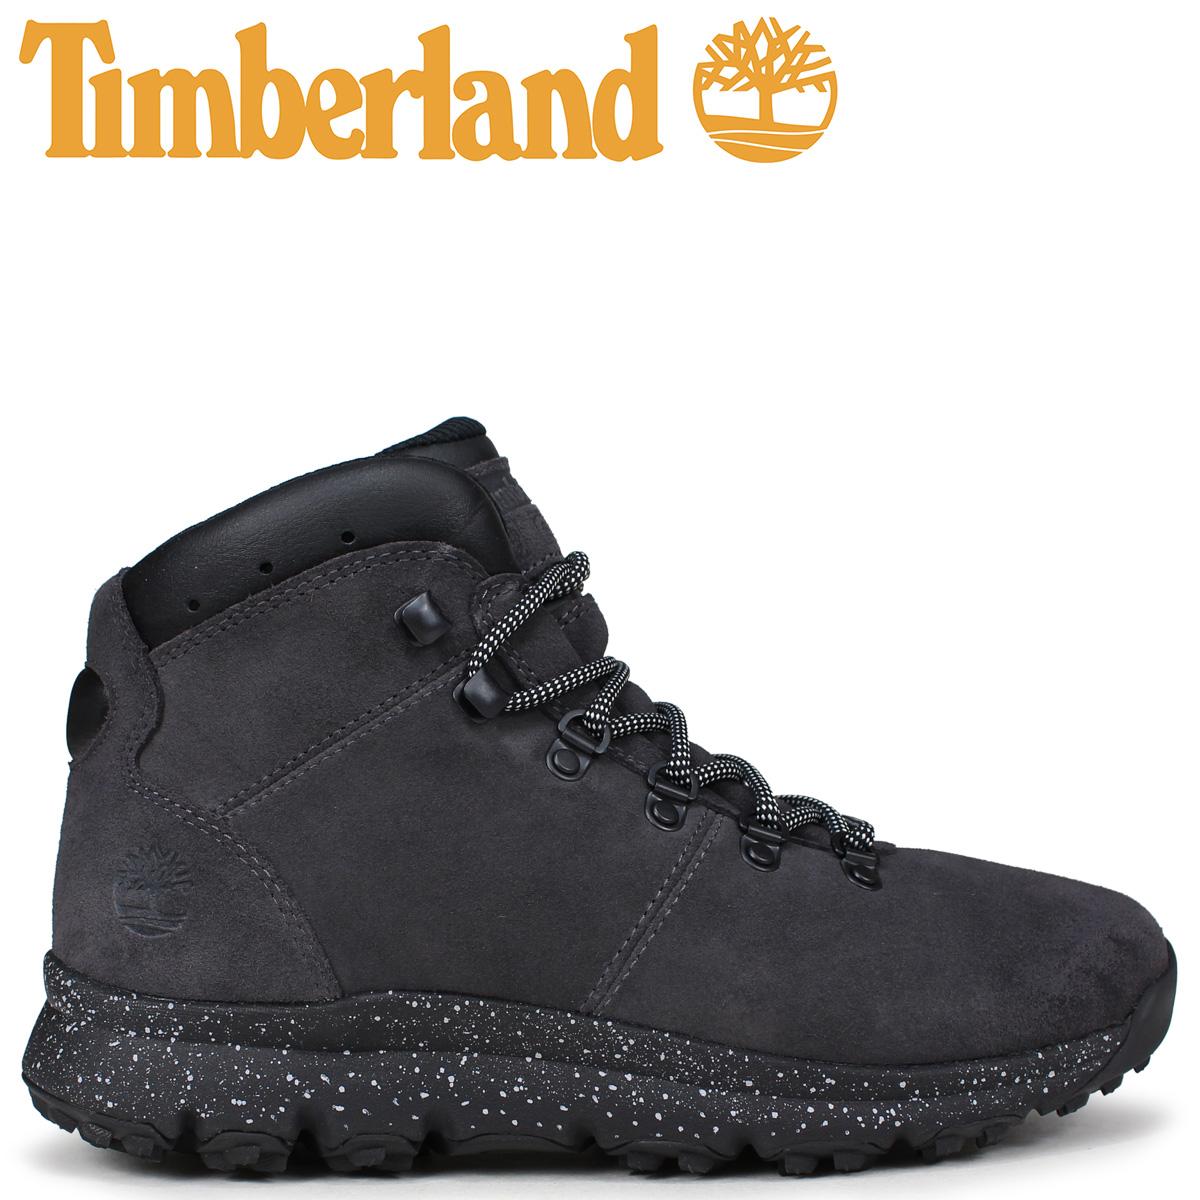 Timberland ブーツ メンズ ティンバーランド WORLD HIKER A1RCK Mワイズ ダークグレー